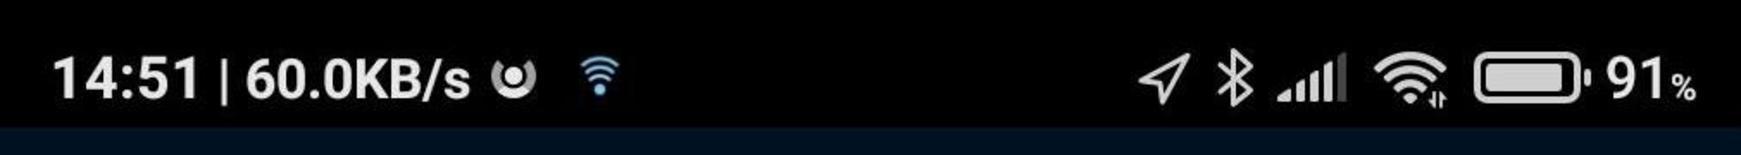 Screenshot_2021-08-30-14-51-32-081_de.android.telnet-detail-2.jpeg